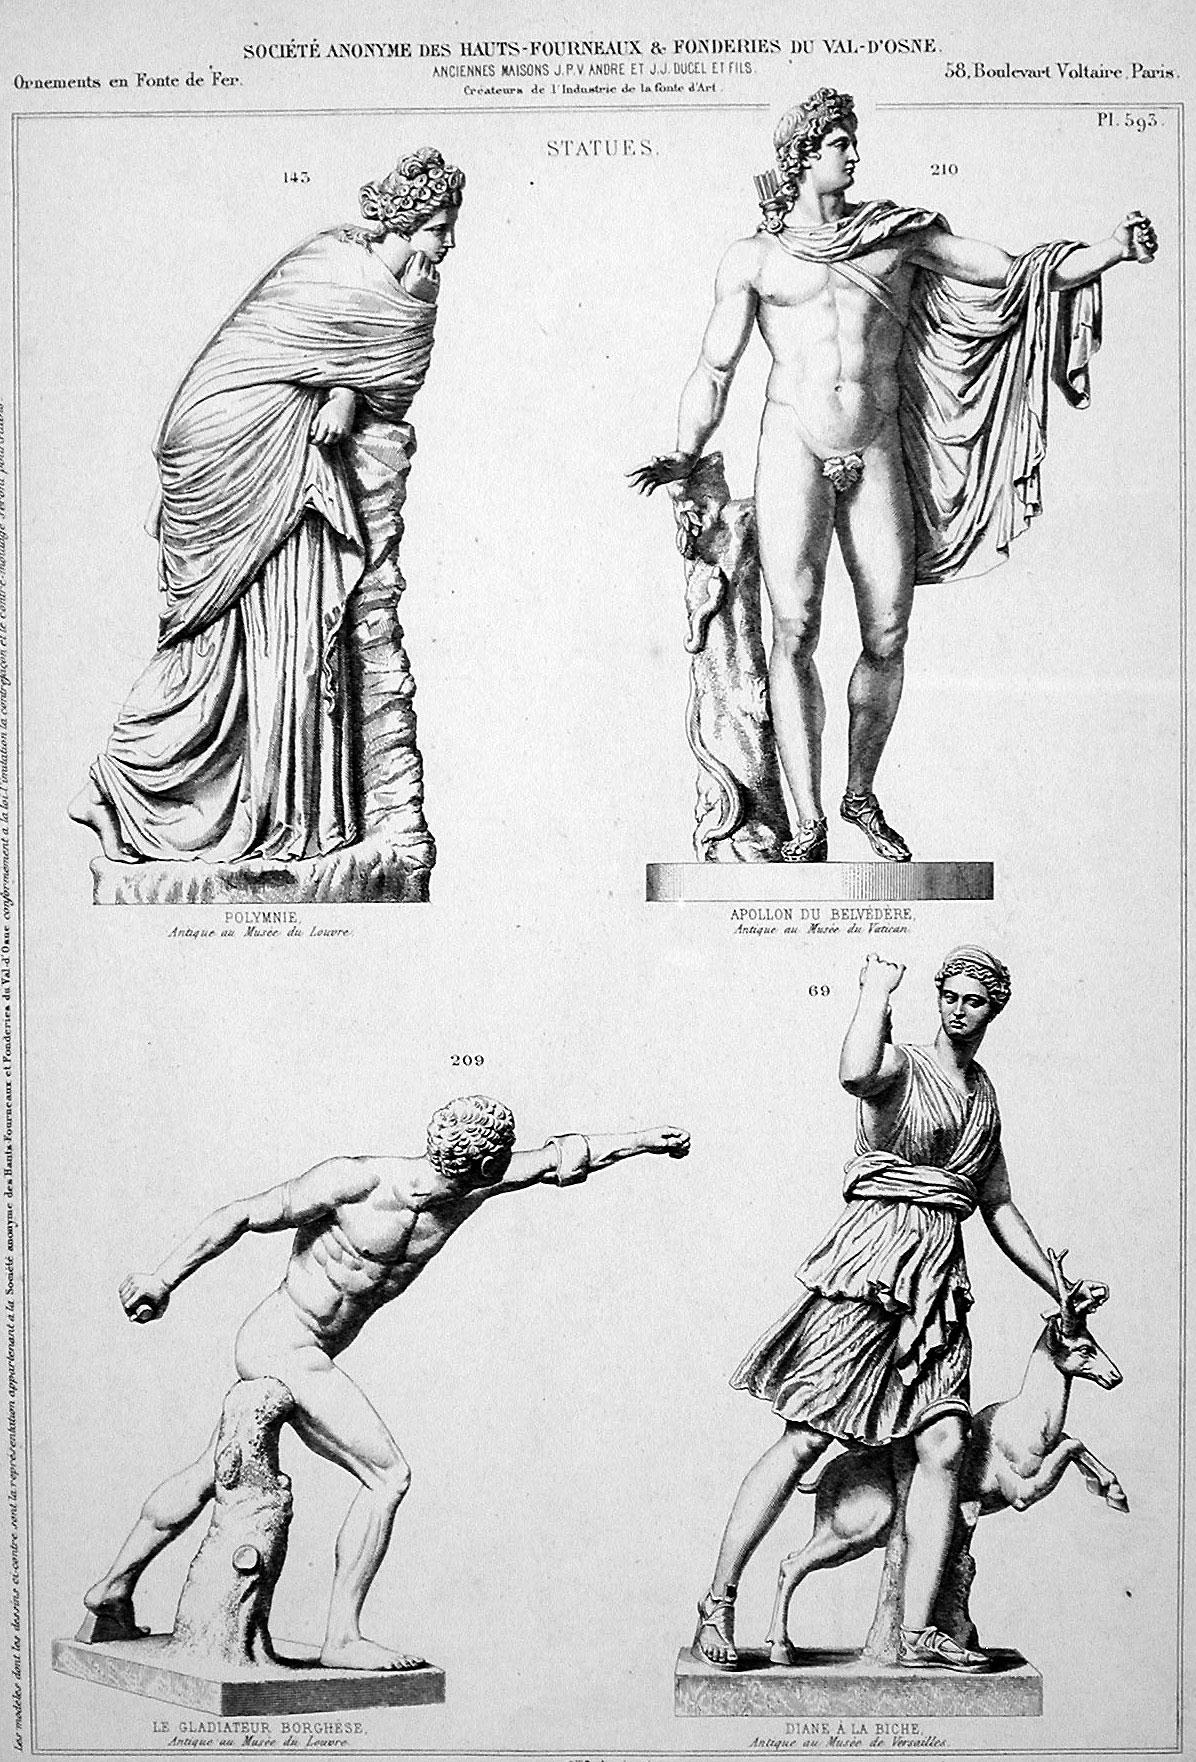 (1) Polymnie s egún publicación en catálogo de  Société Anonyme des hauts founeaux et fonderies du Val d'Osne 2 (1866), PL 593 · Nº143